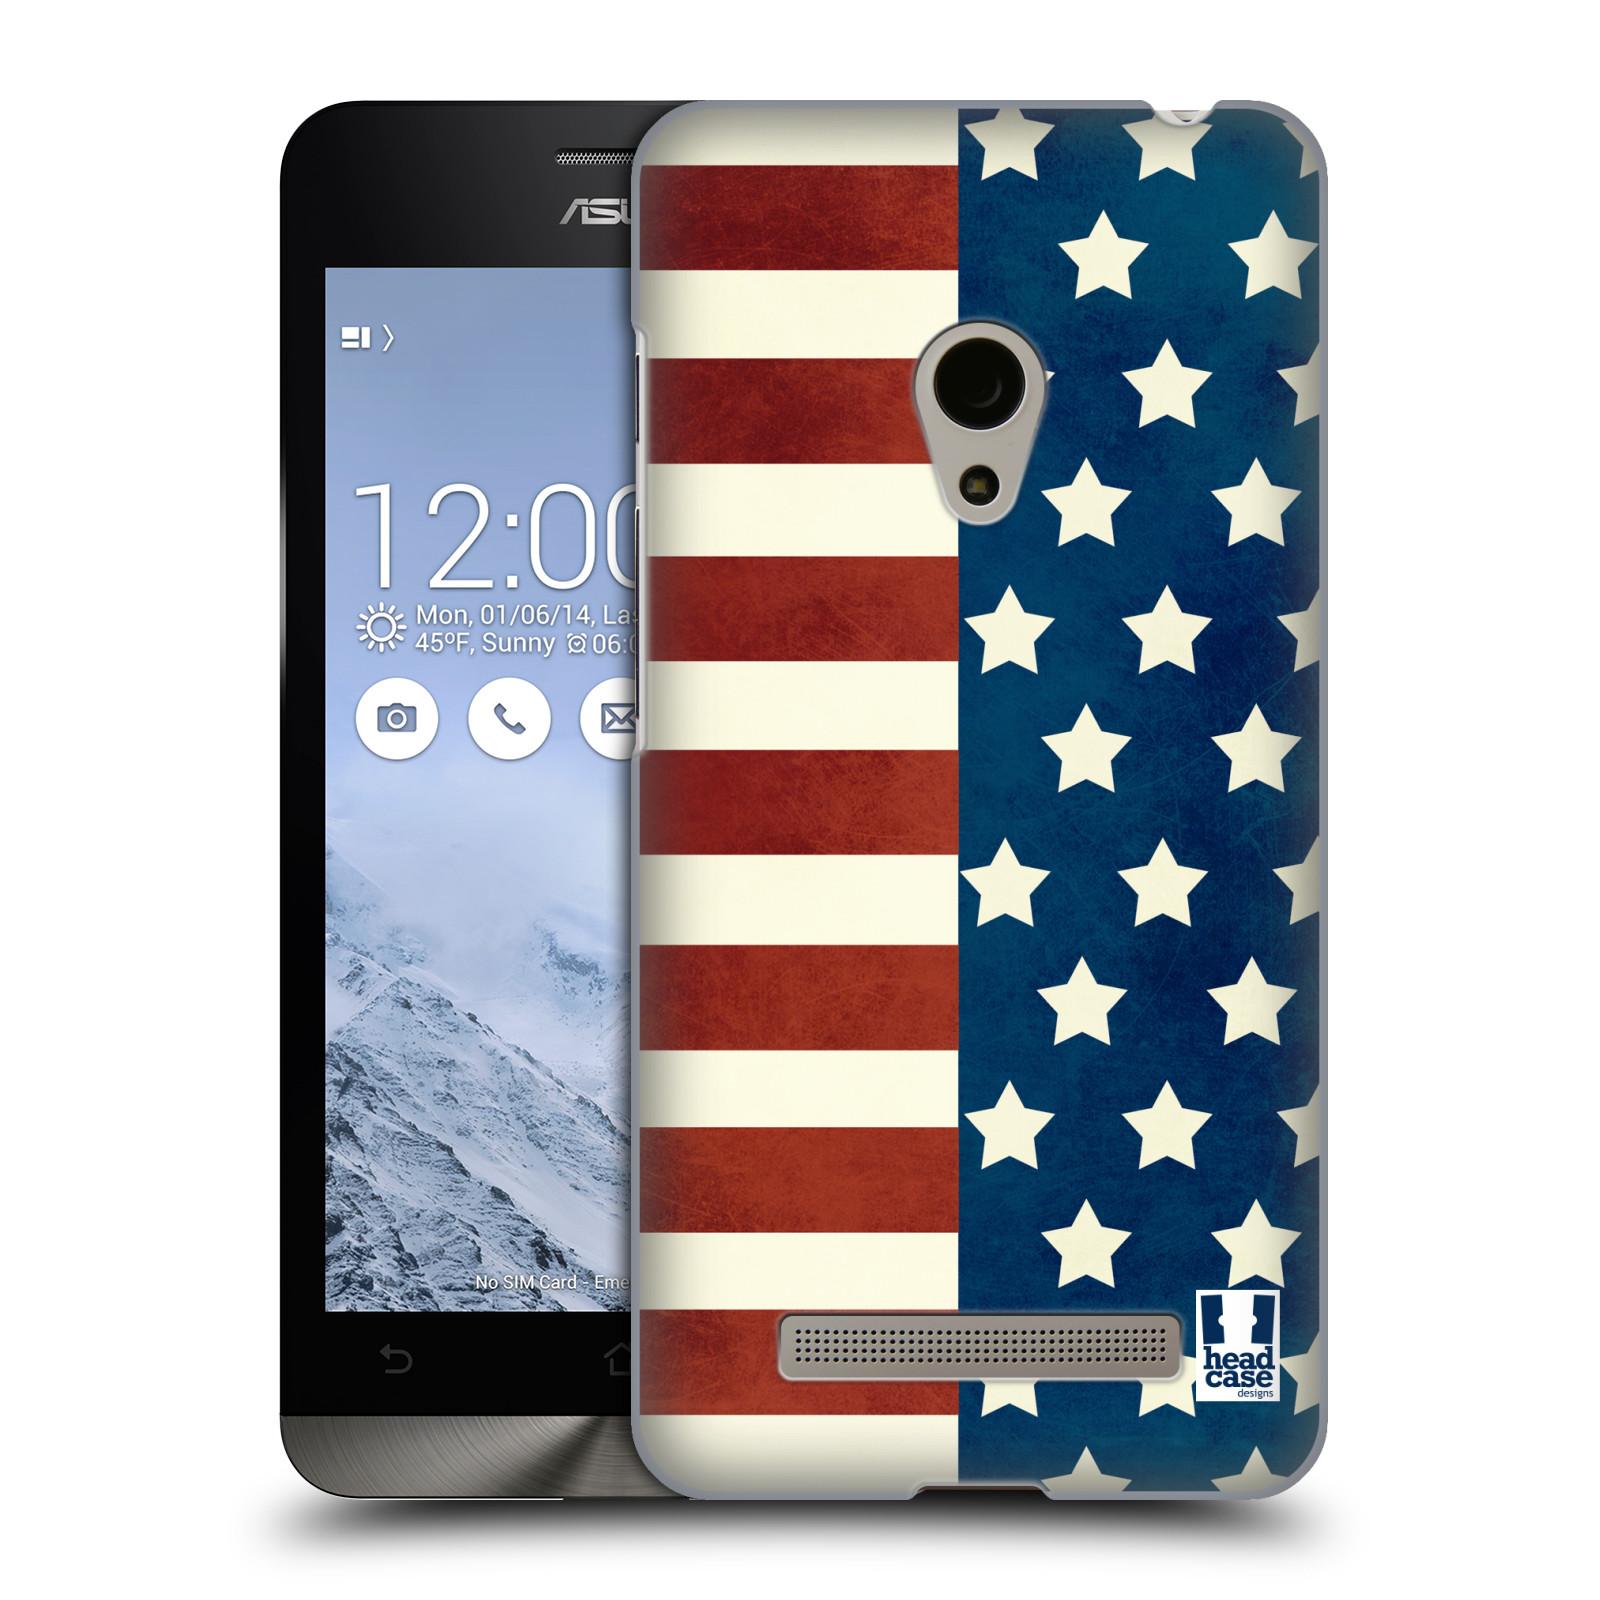 HEAD CASE plastový obal na mobil Asus Zenfone 5 vzor USA VLAJKA HVĚZDY A PRUHY